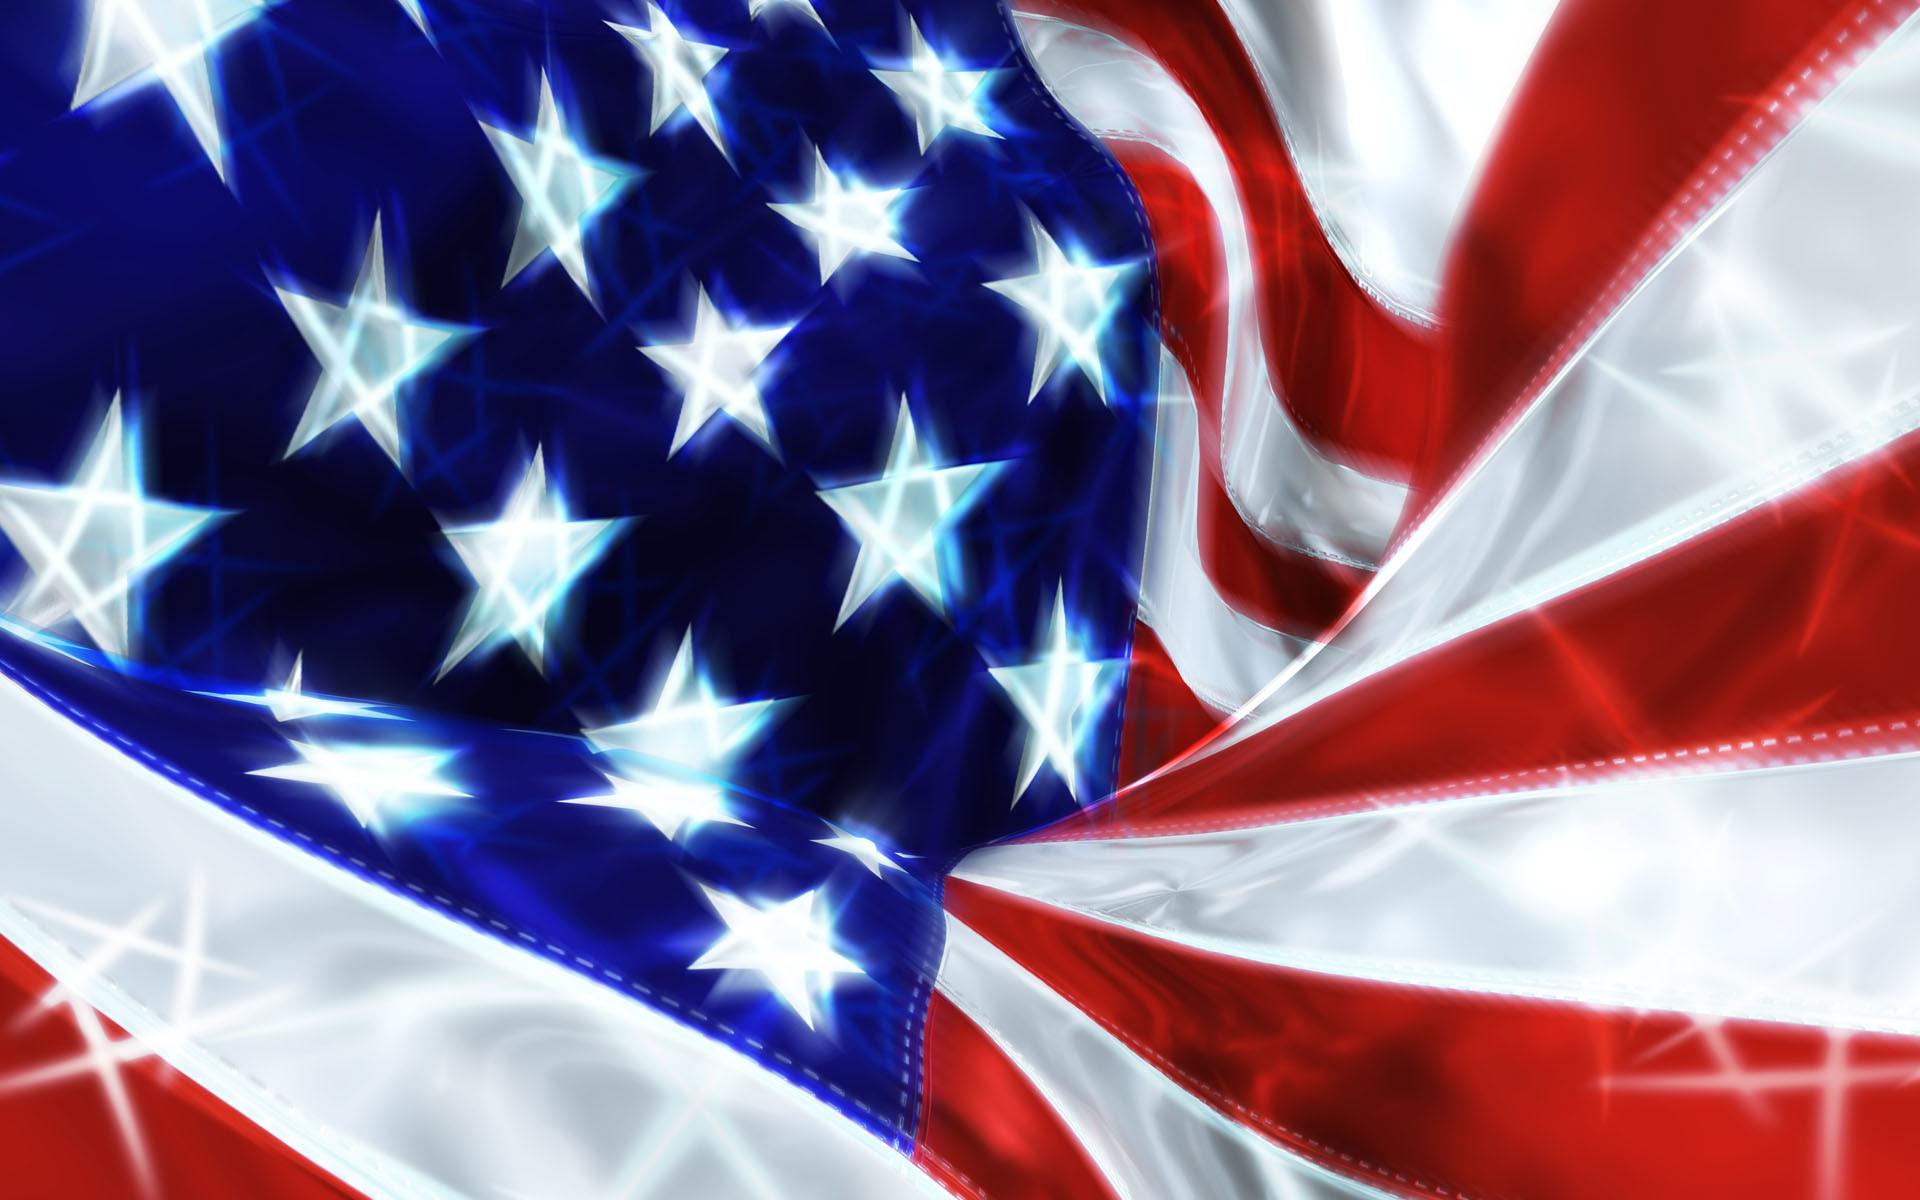 United States America Flag Background U.S.A 19629wall.jpg